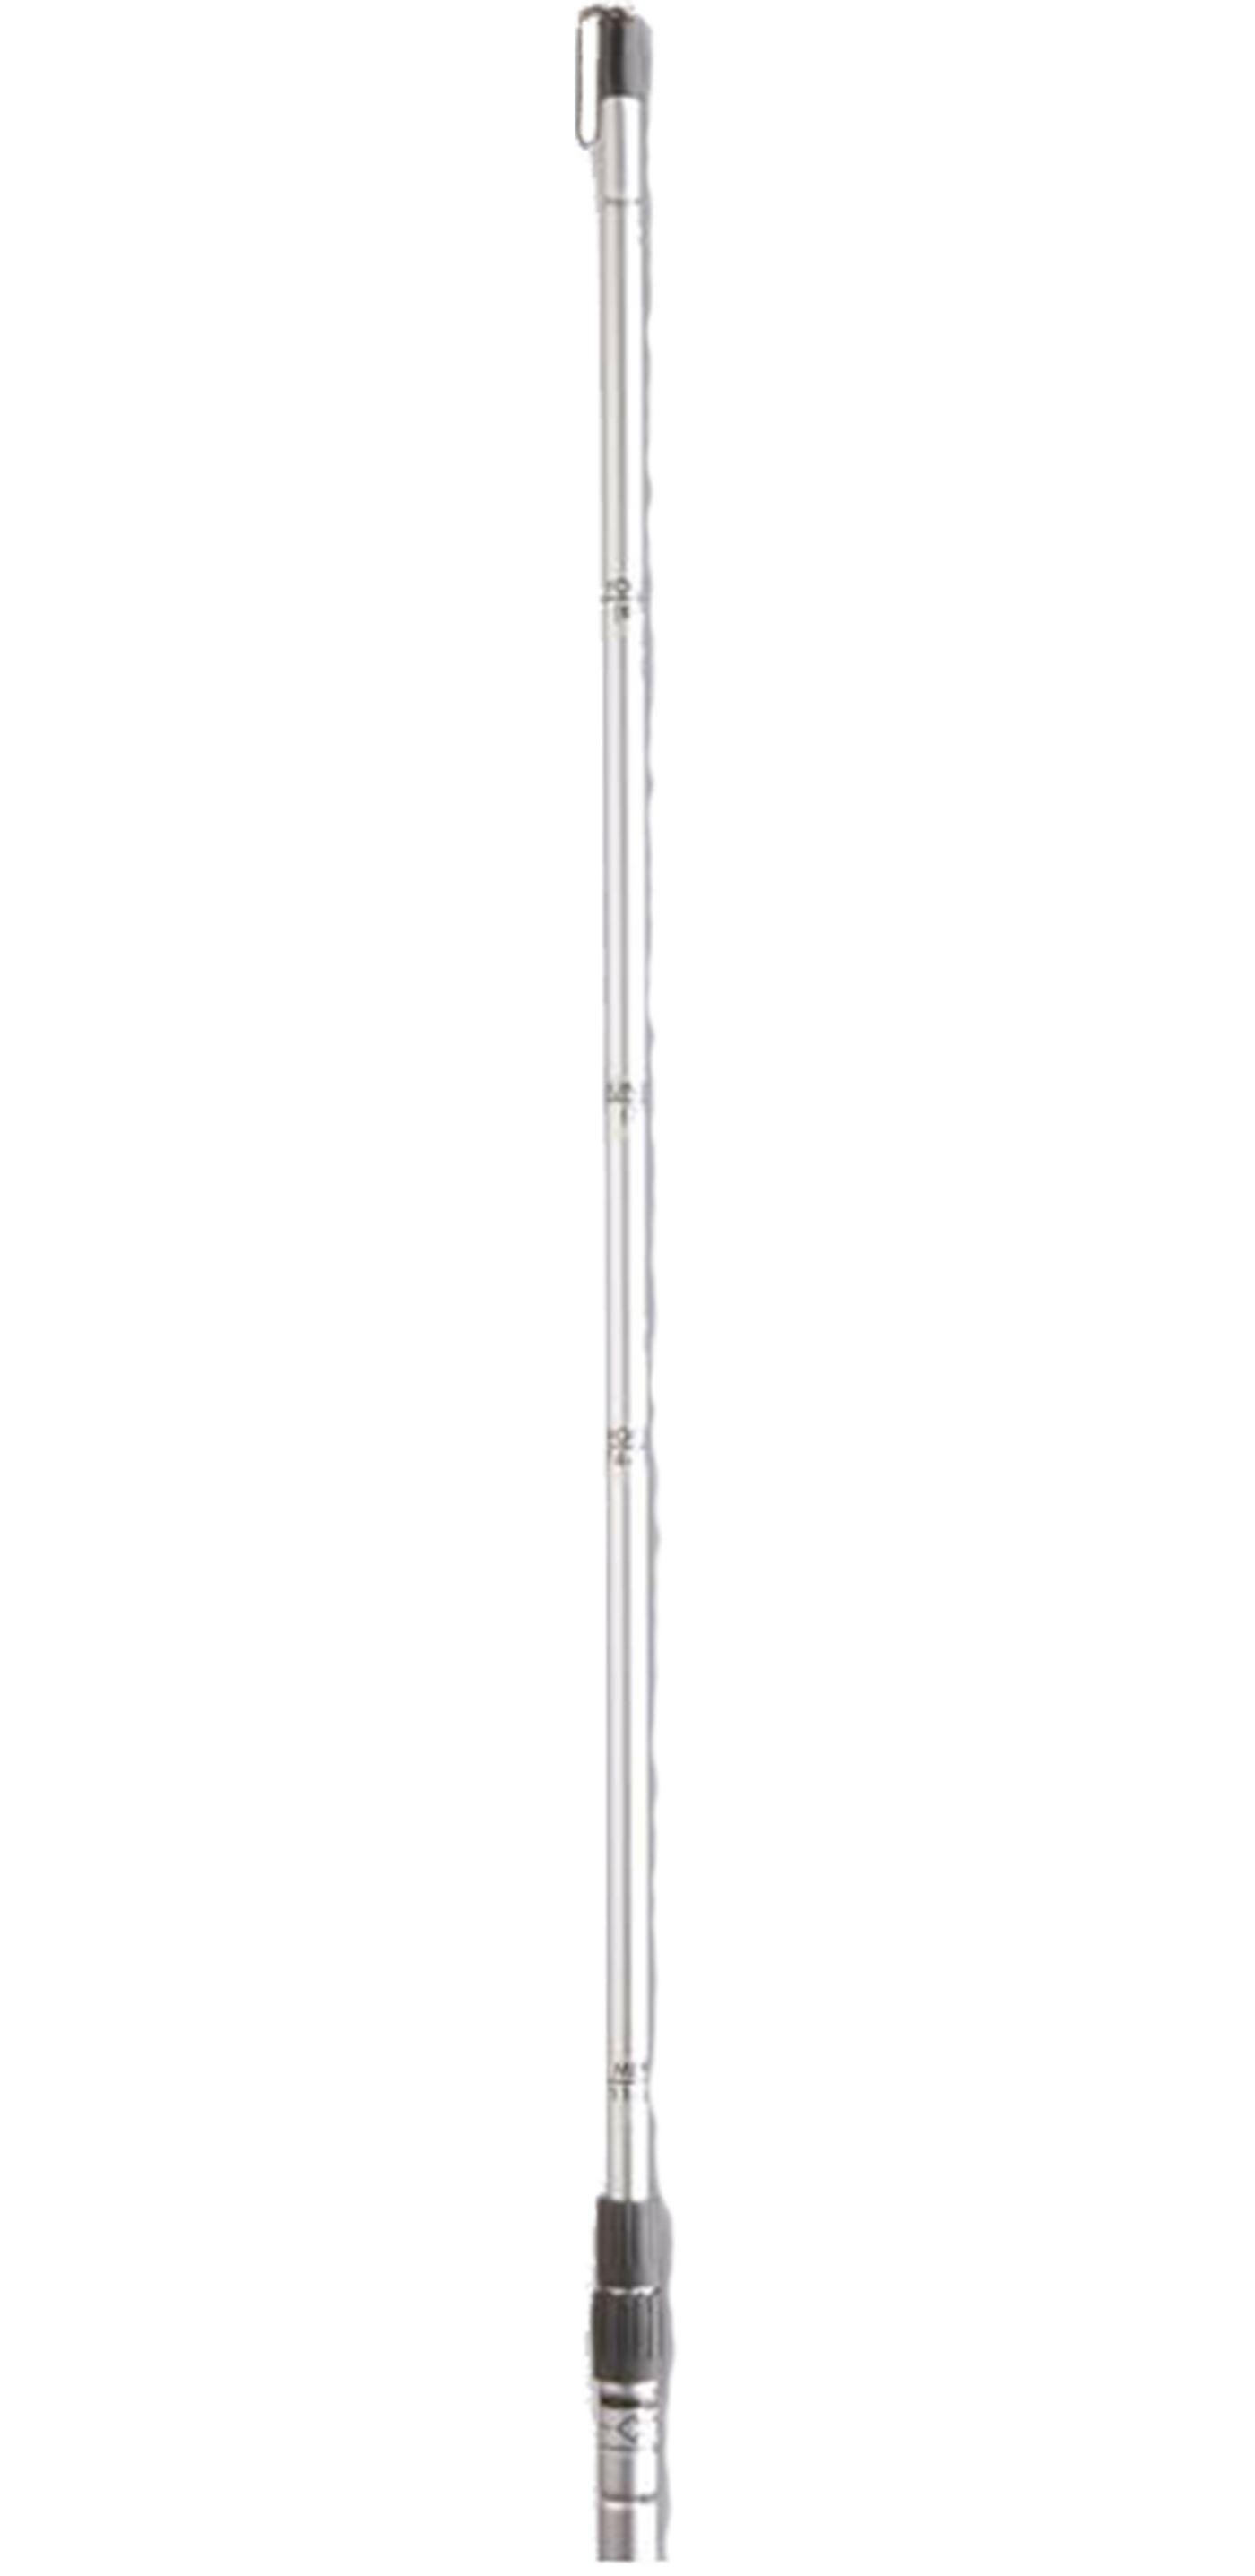 Tandem Precise Height Volleyball Net Stick